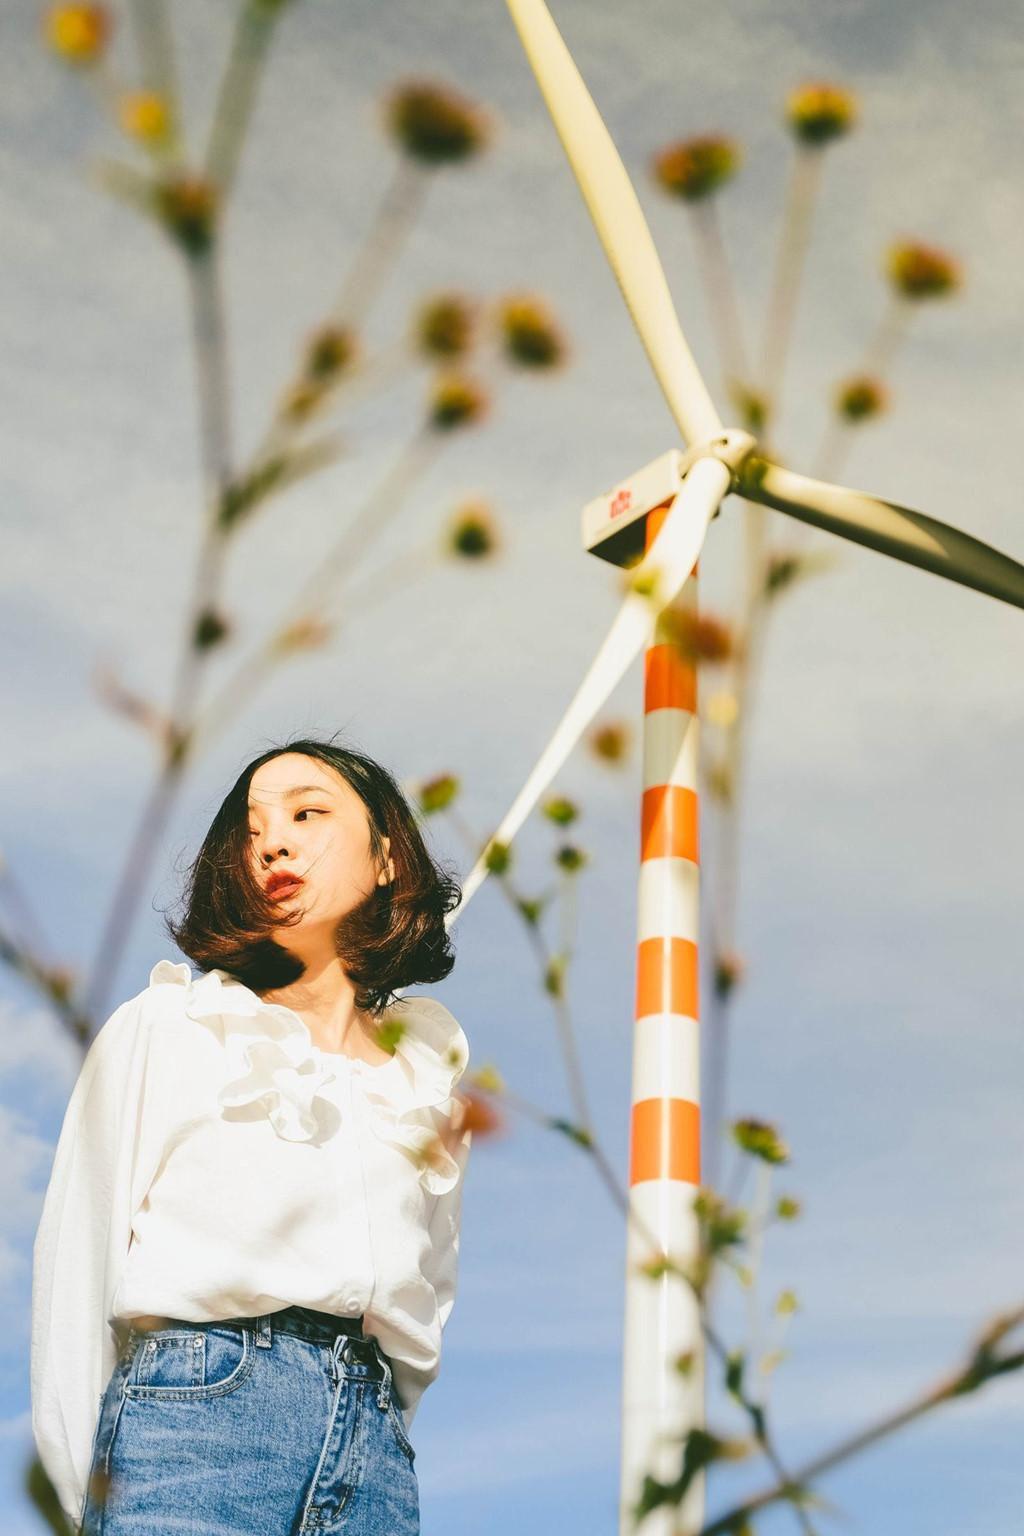 4 cánh đồng quạt gió ở Việt Nam được hội mê sống ảo săn lùng Ảnh 7